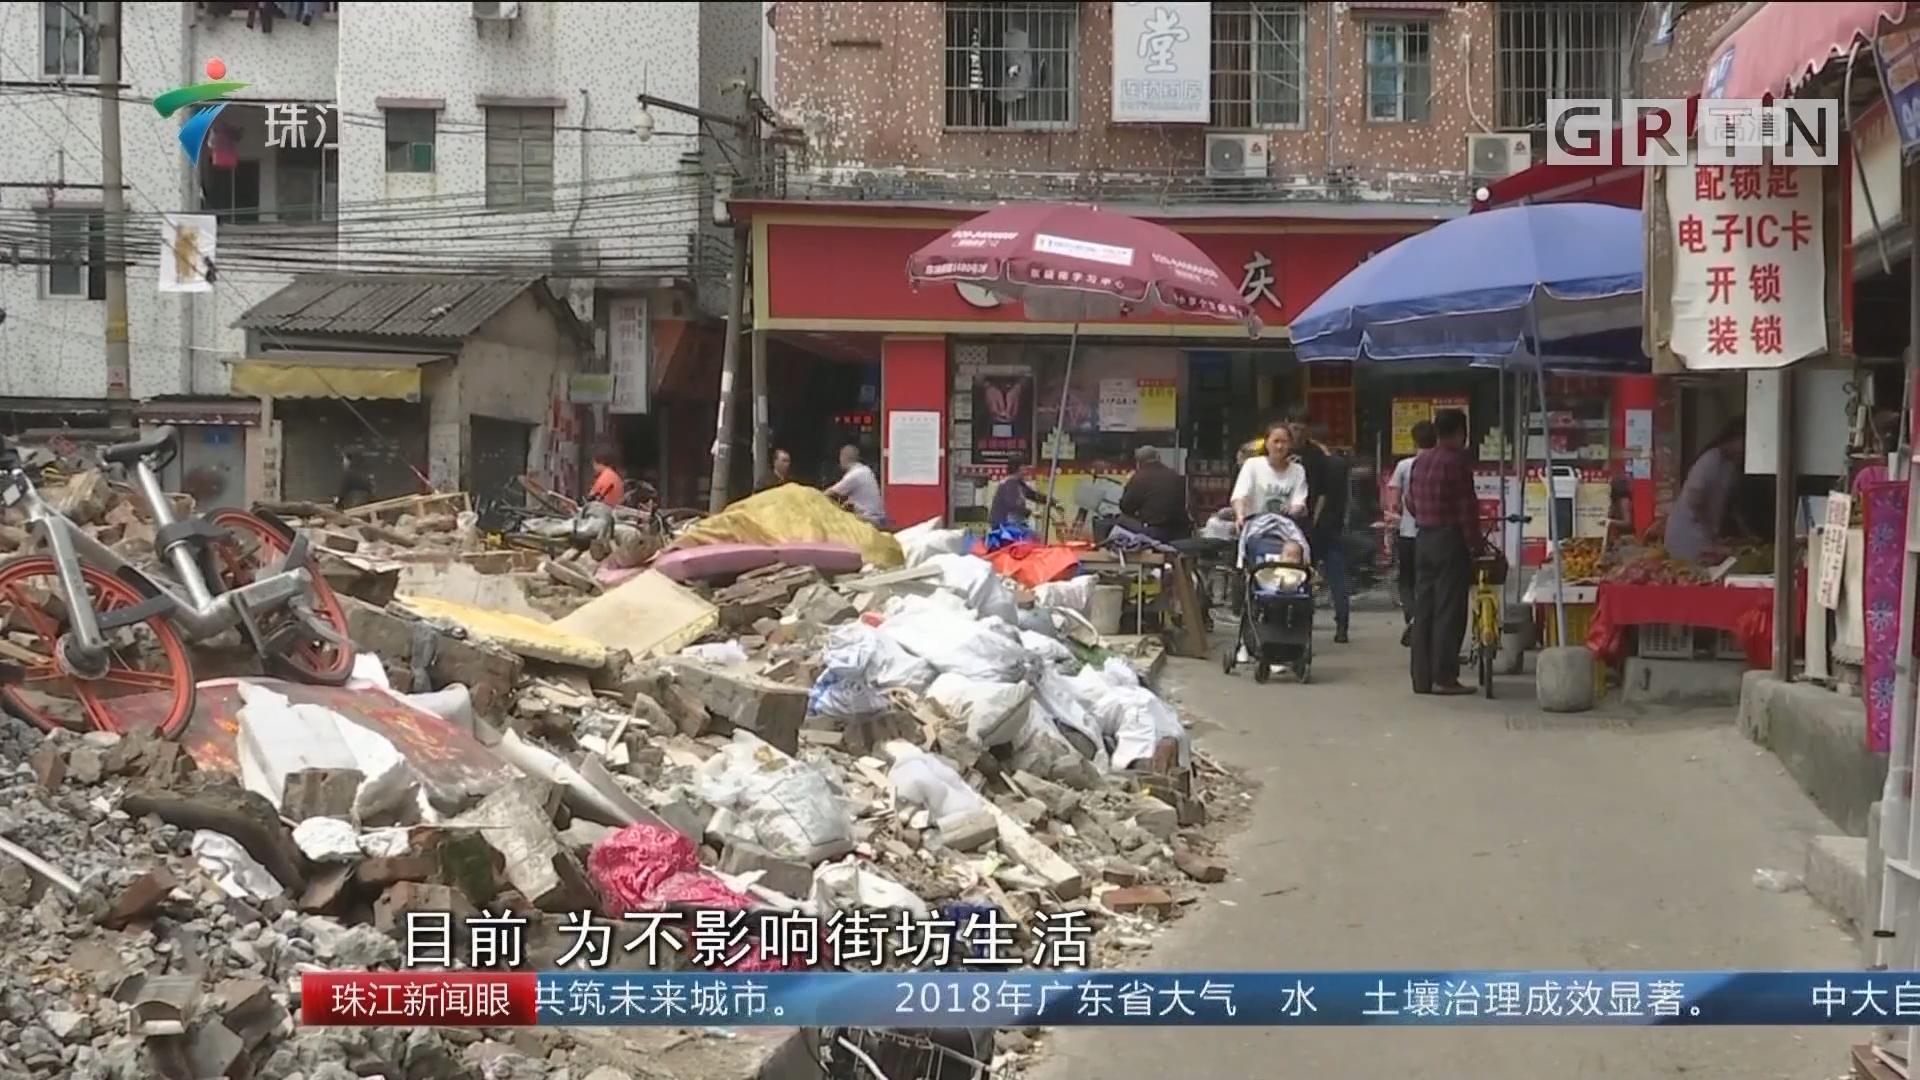 广州:违建垃圾堆积 缘何成月不清理?